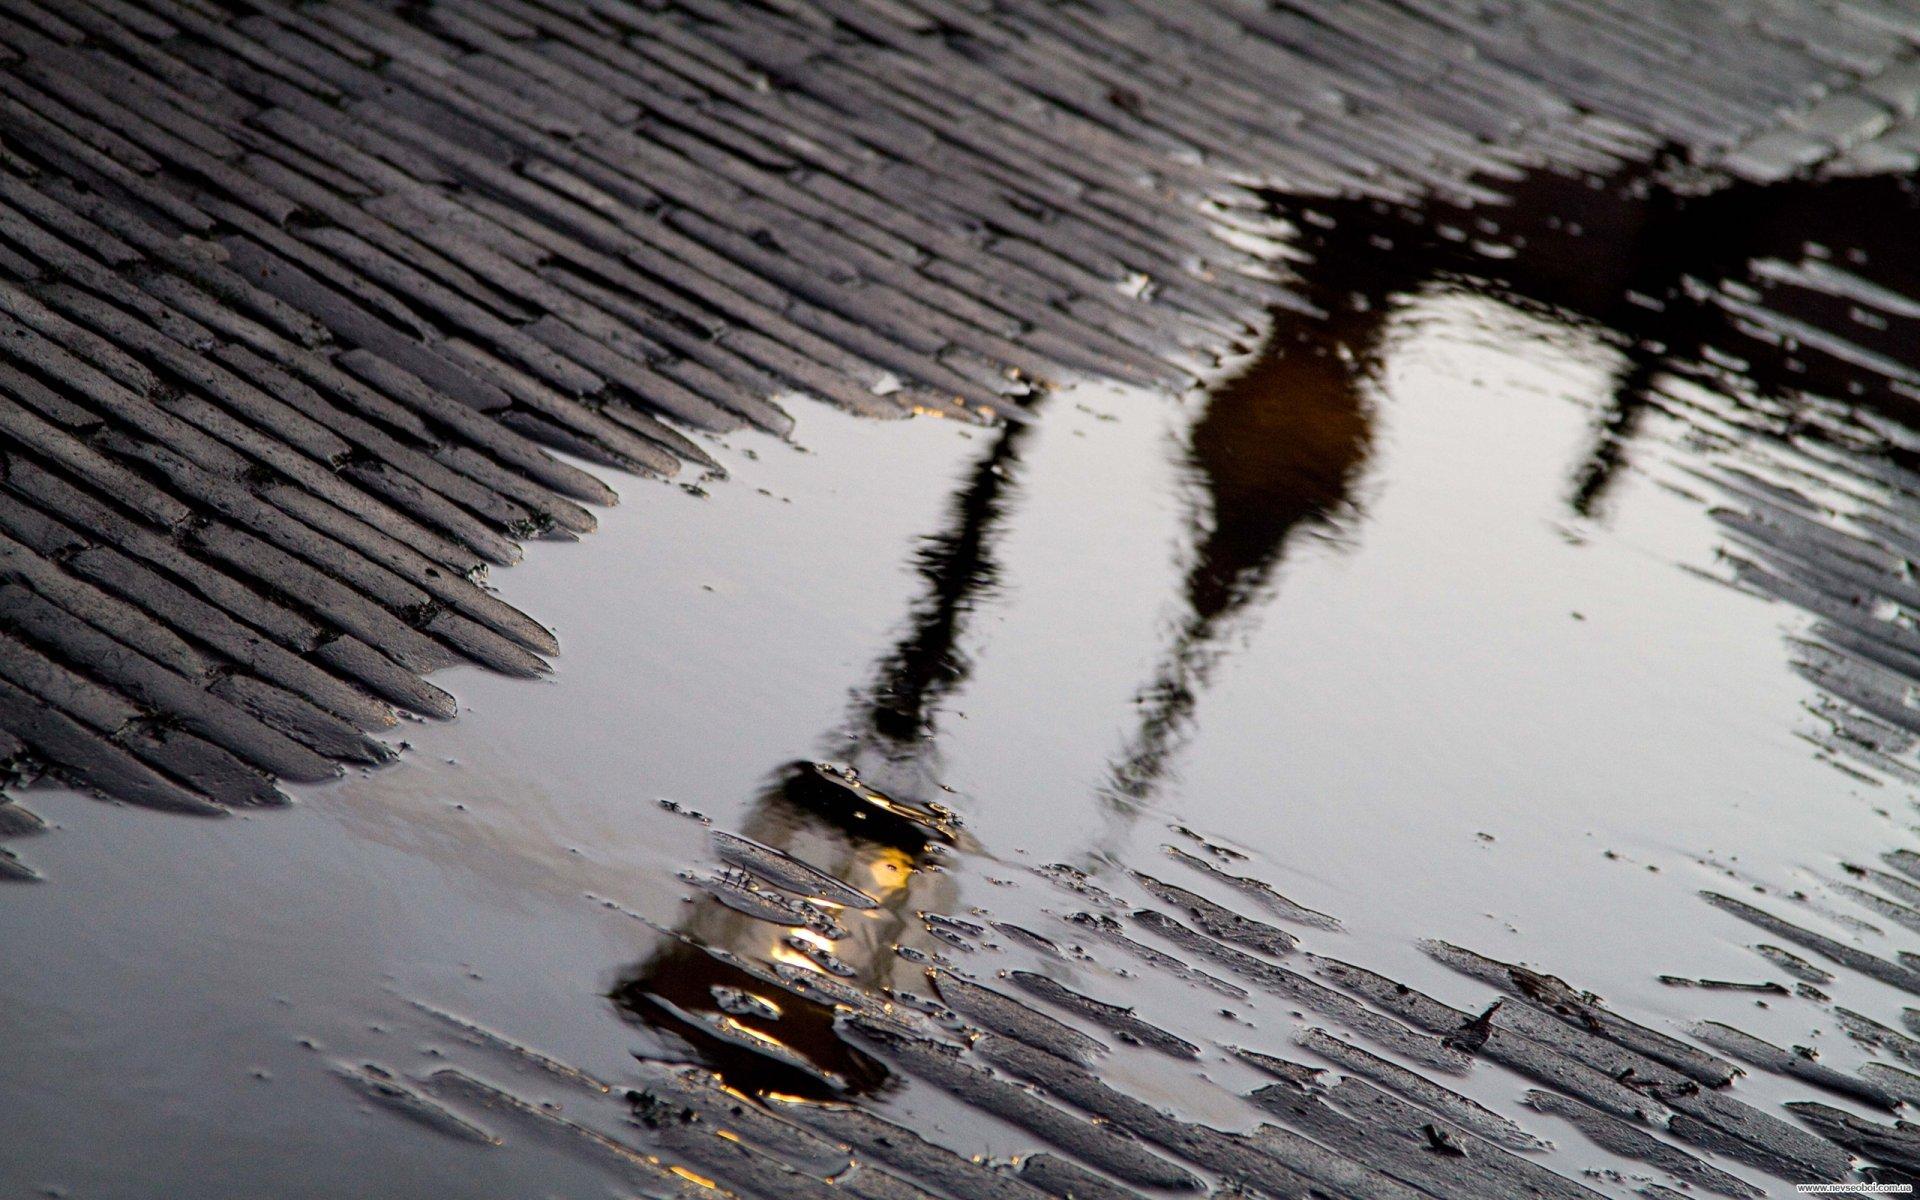 дождь на улице картинка для печати готовлю